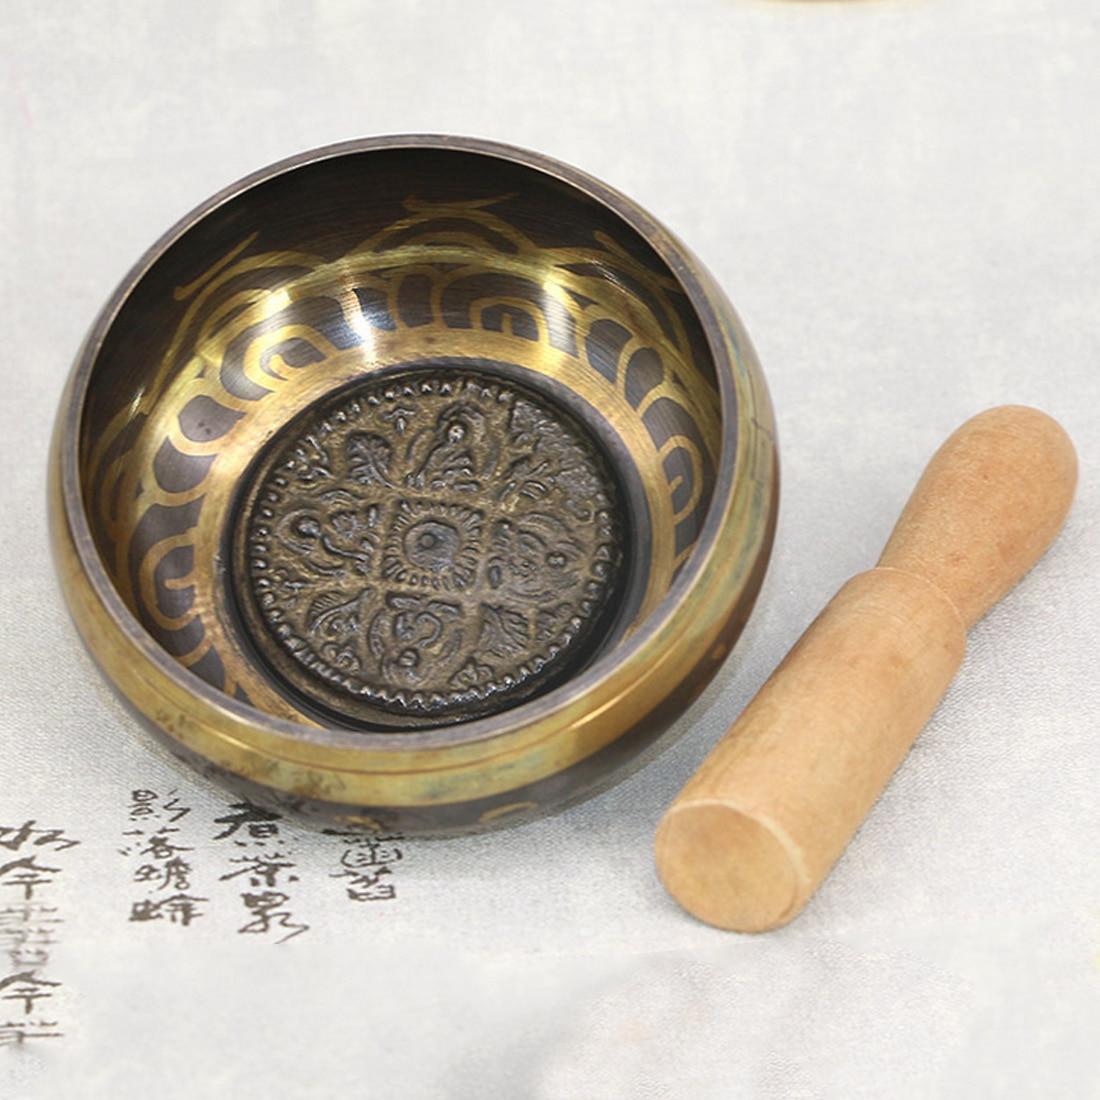 Tibetan Bowl Singing Bowl Decorative-wall-dishes Home Decoration Decorative Wall Dishes Tibetan Singing Bowl 1PC